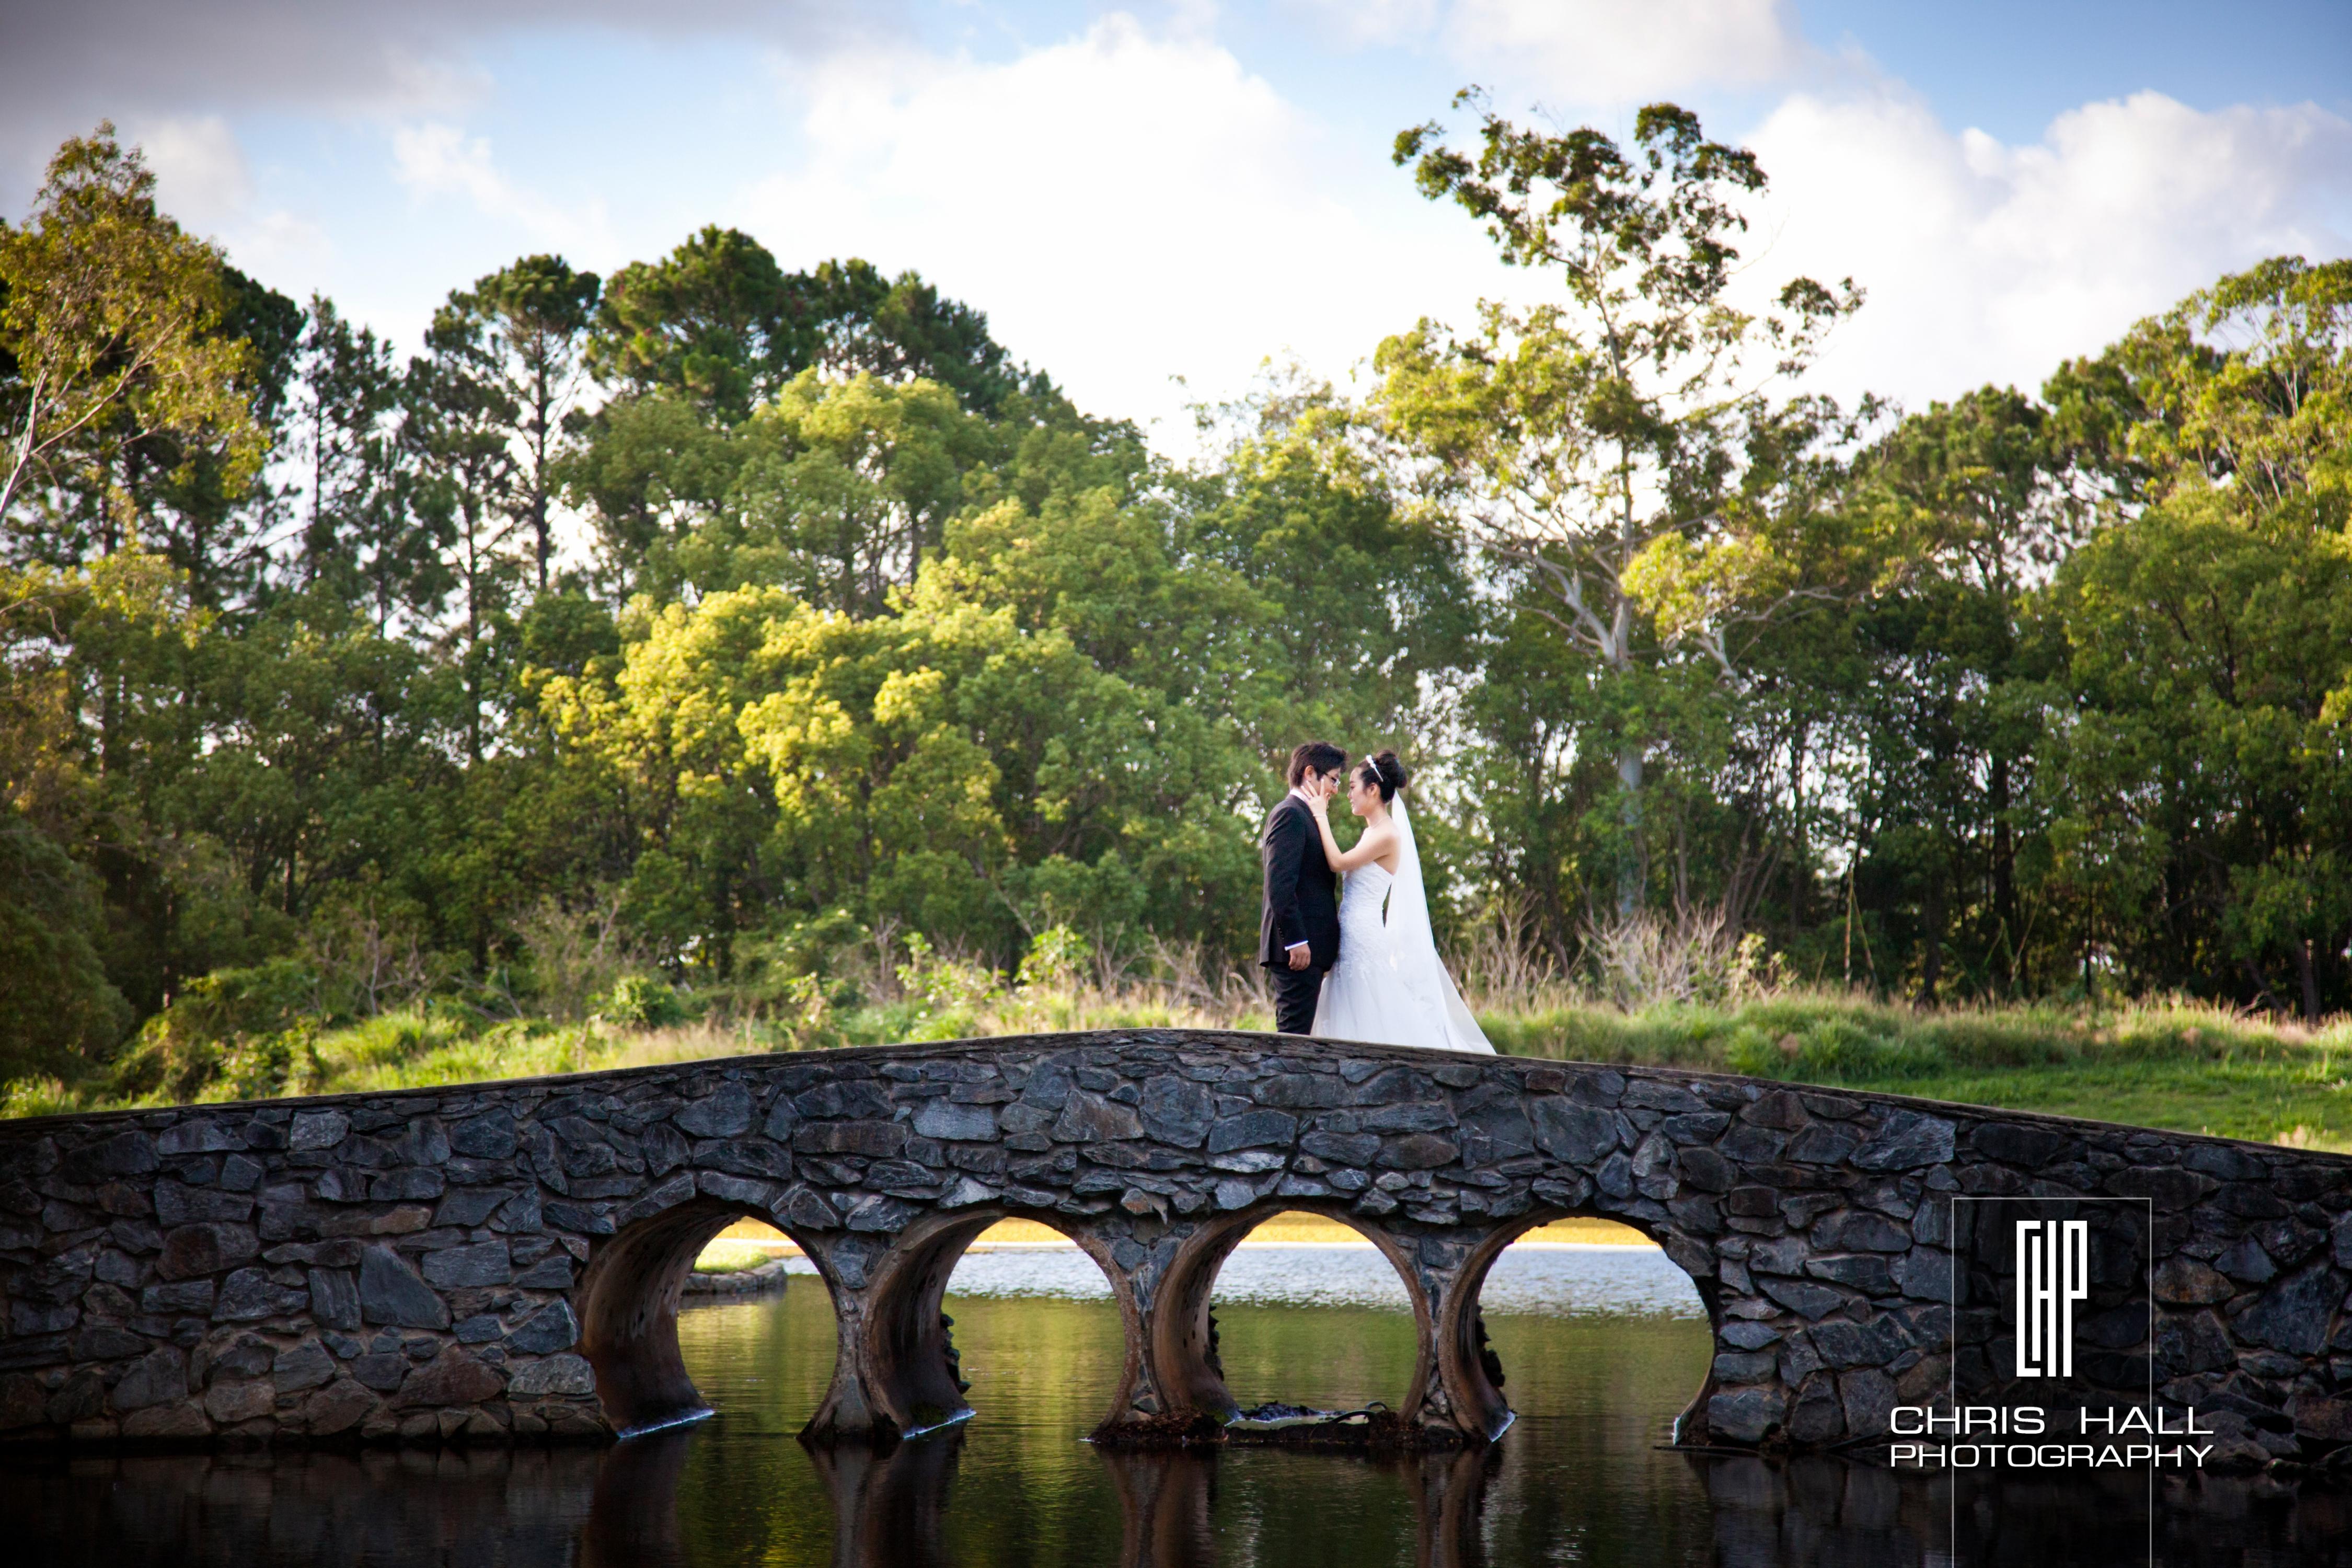 Bridge Wedding Image